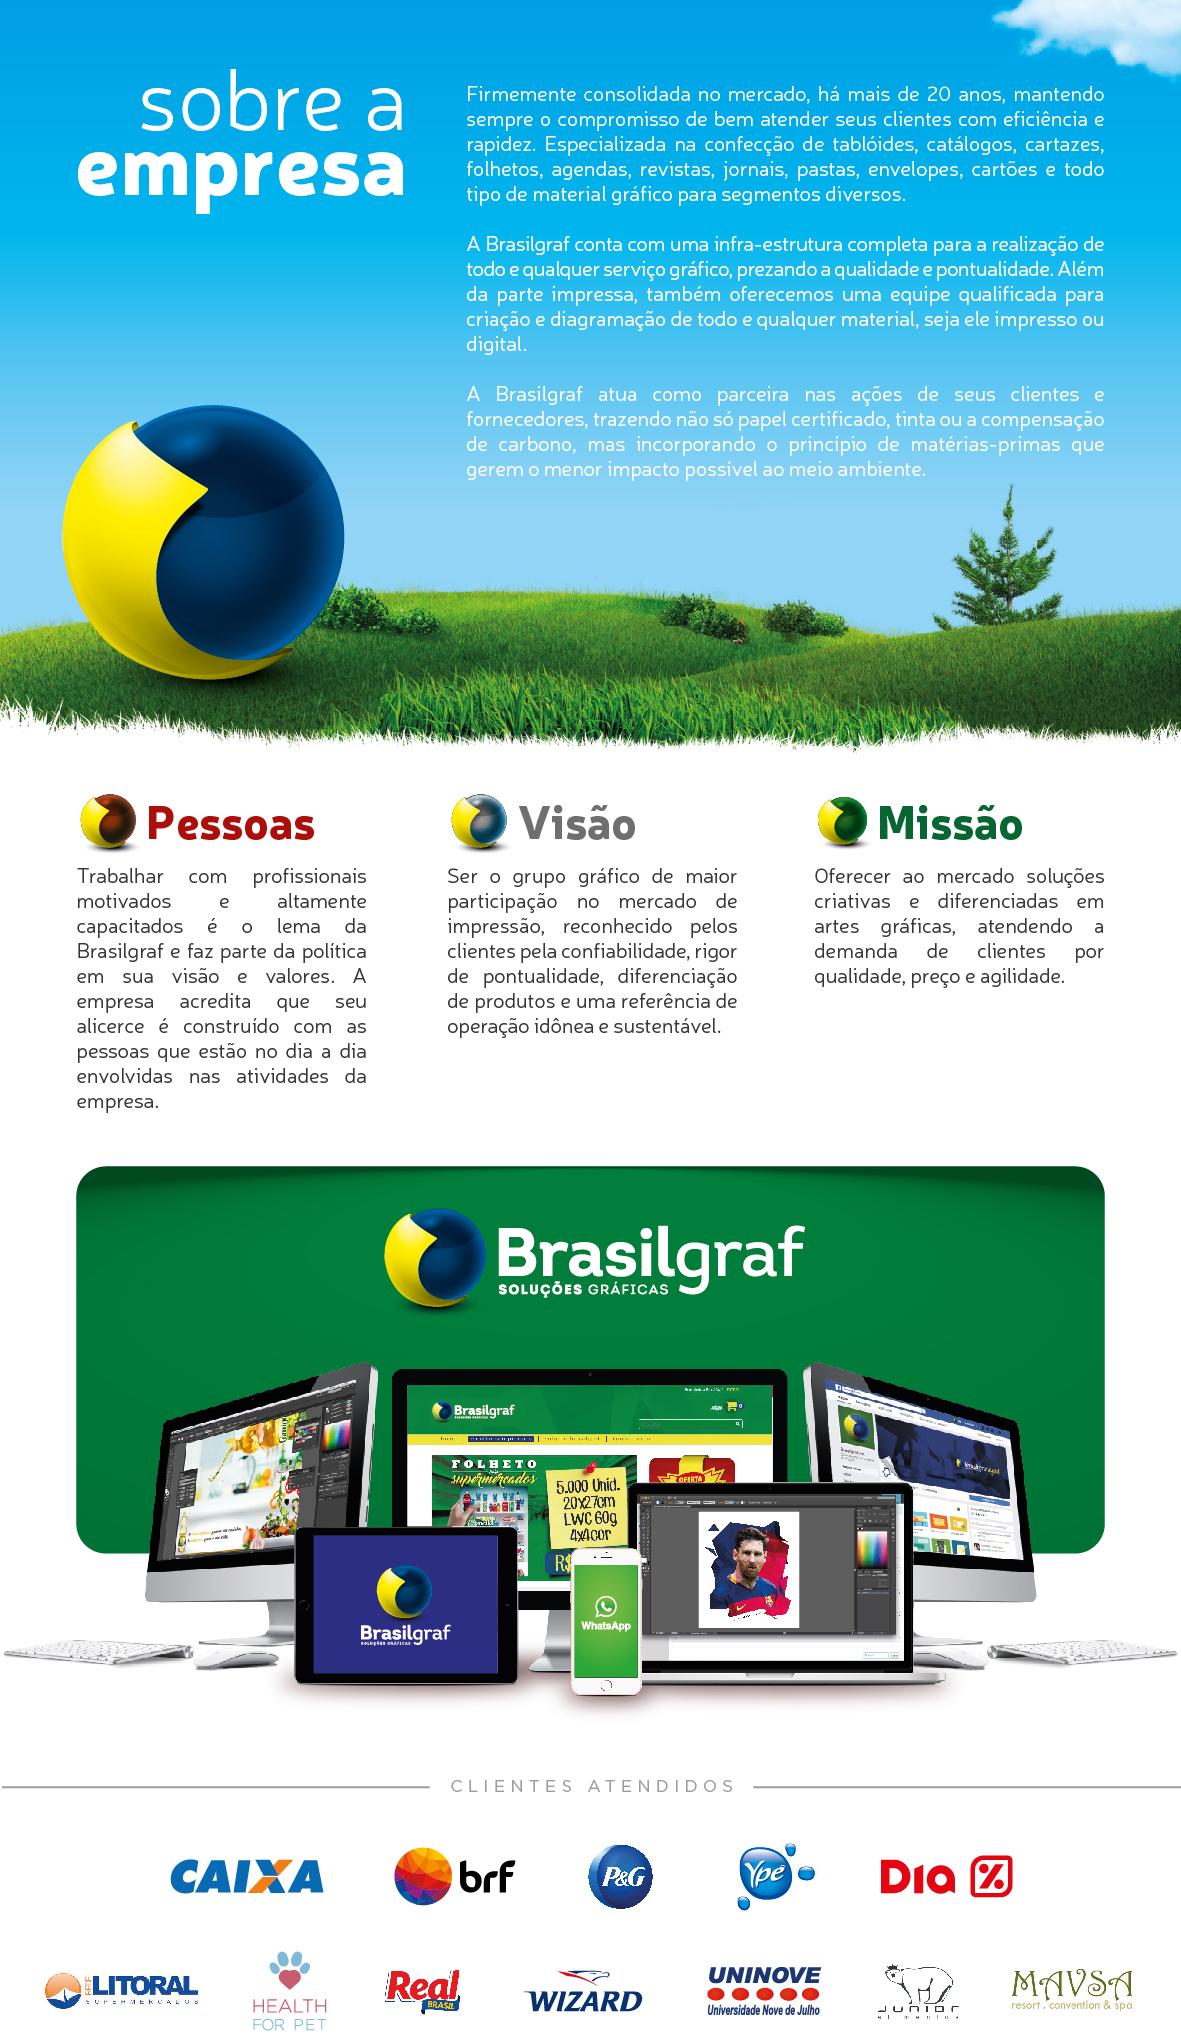 Sobre a Brasilgraf